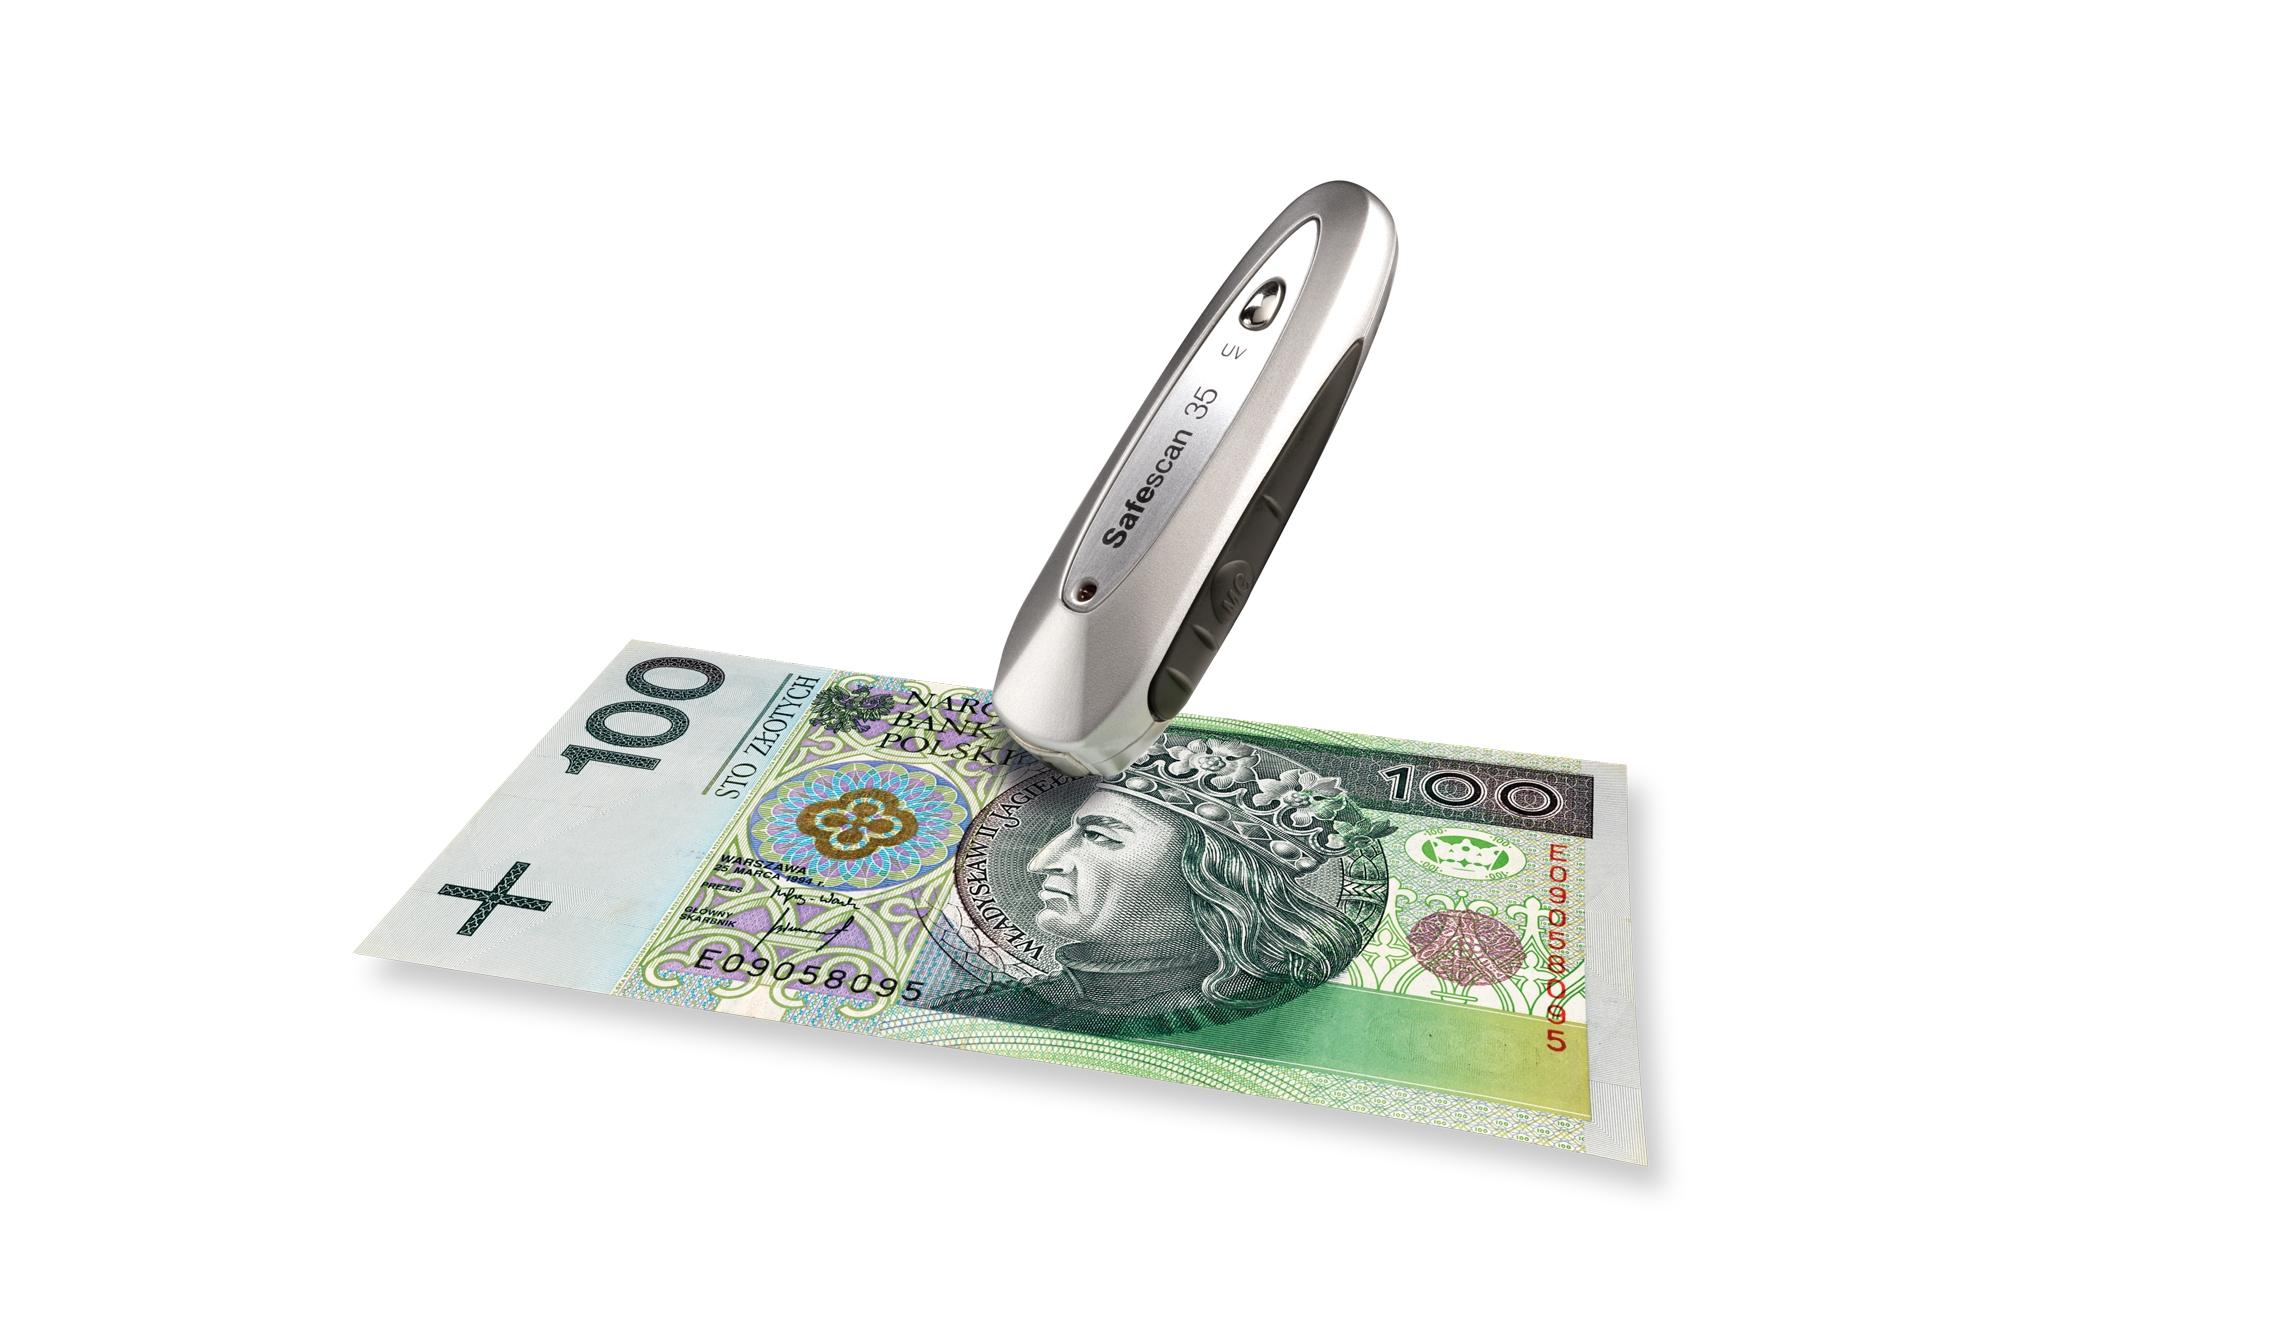 safescan-35-dlugopis-do-sprawdzania-autentycznosci-banknotow